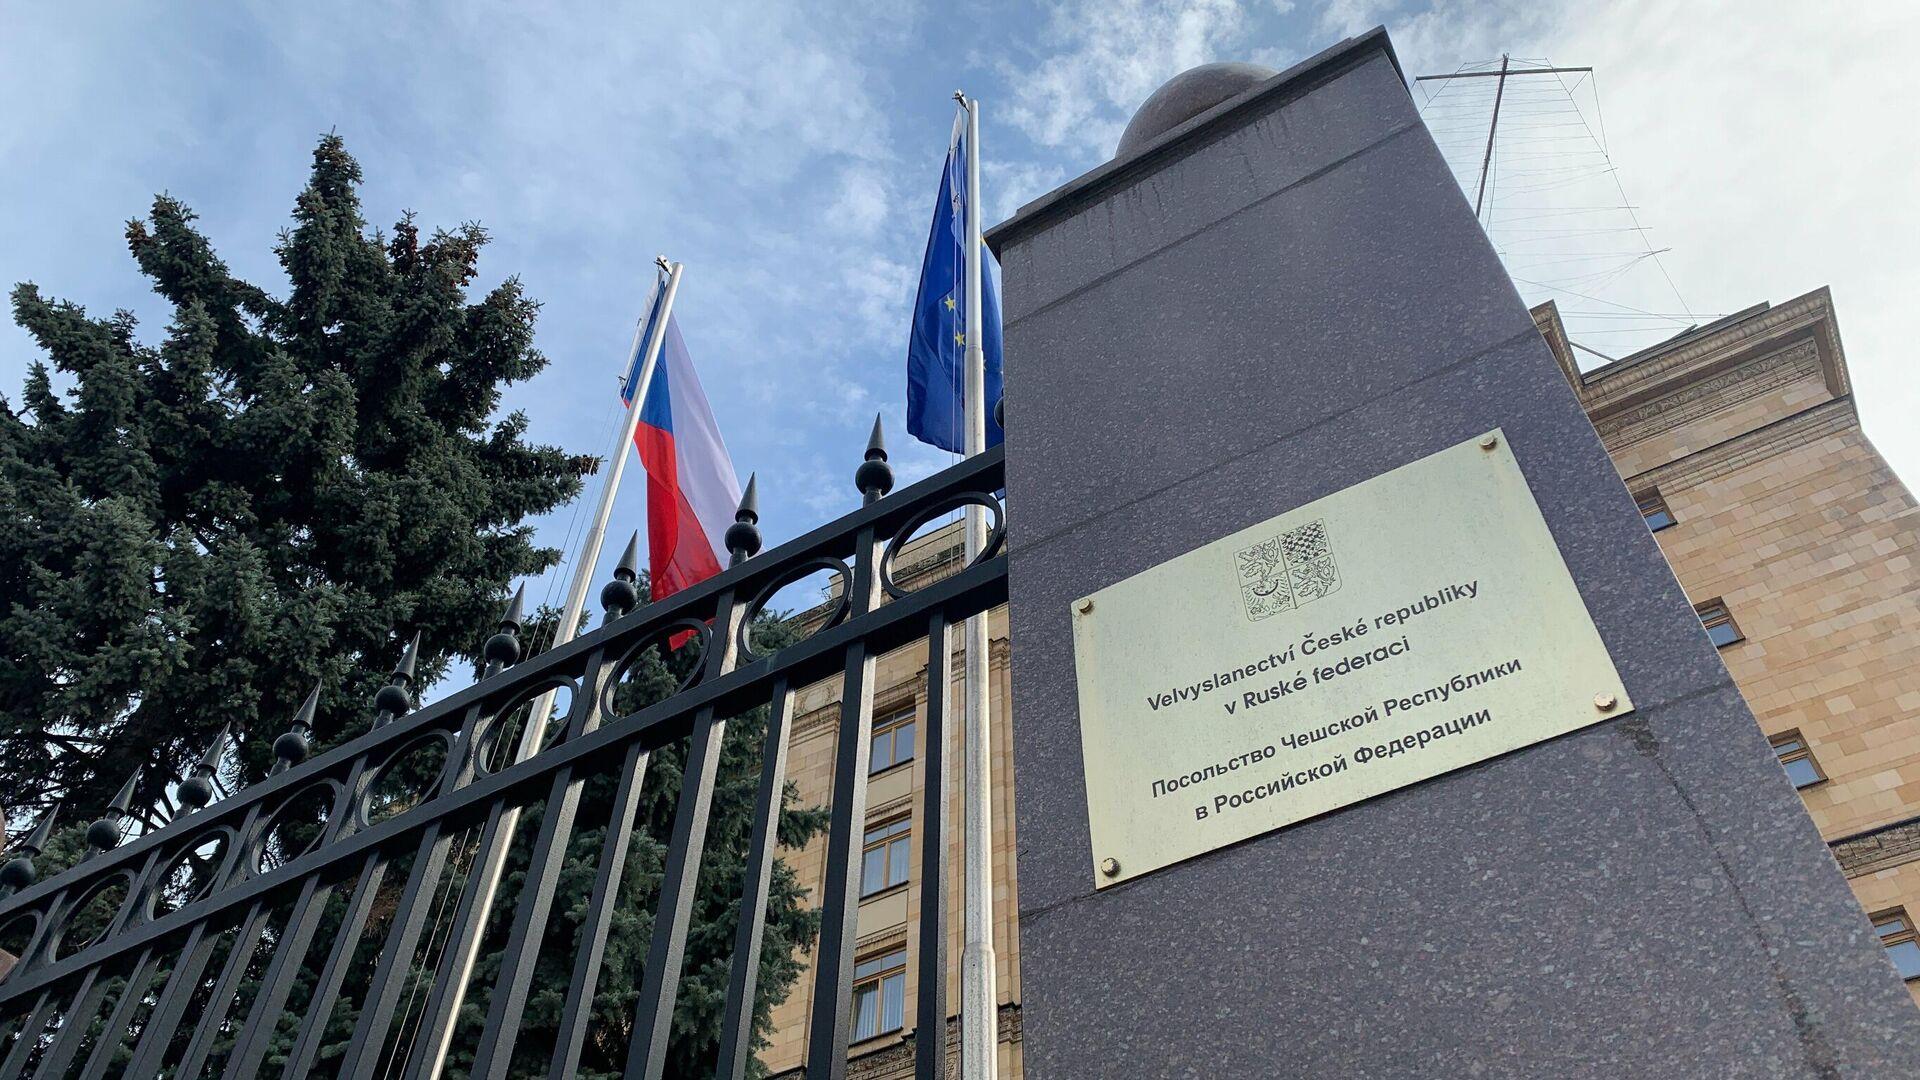 Посольство Чехии в Москве - РИА Новости, 1920, 15.06.2021